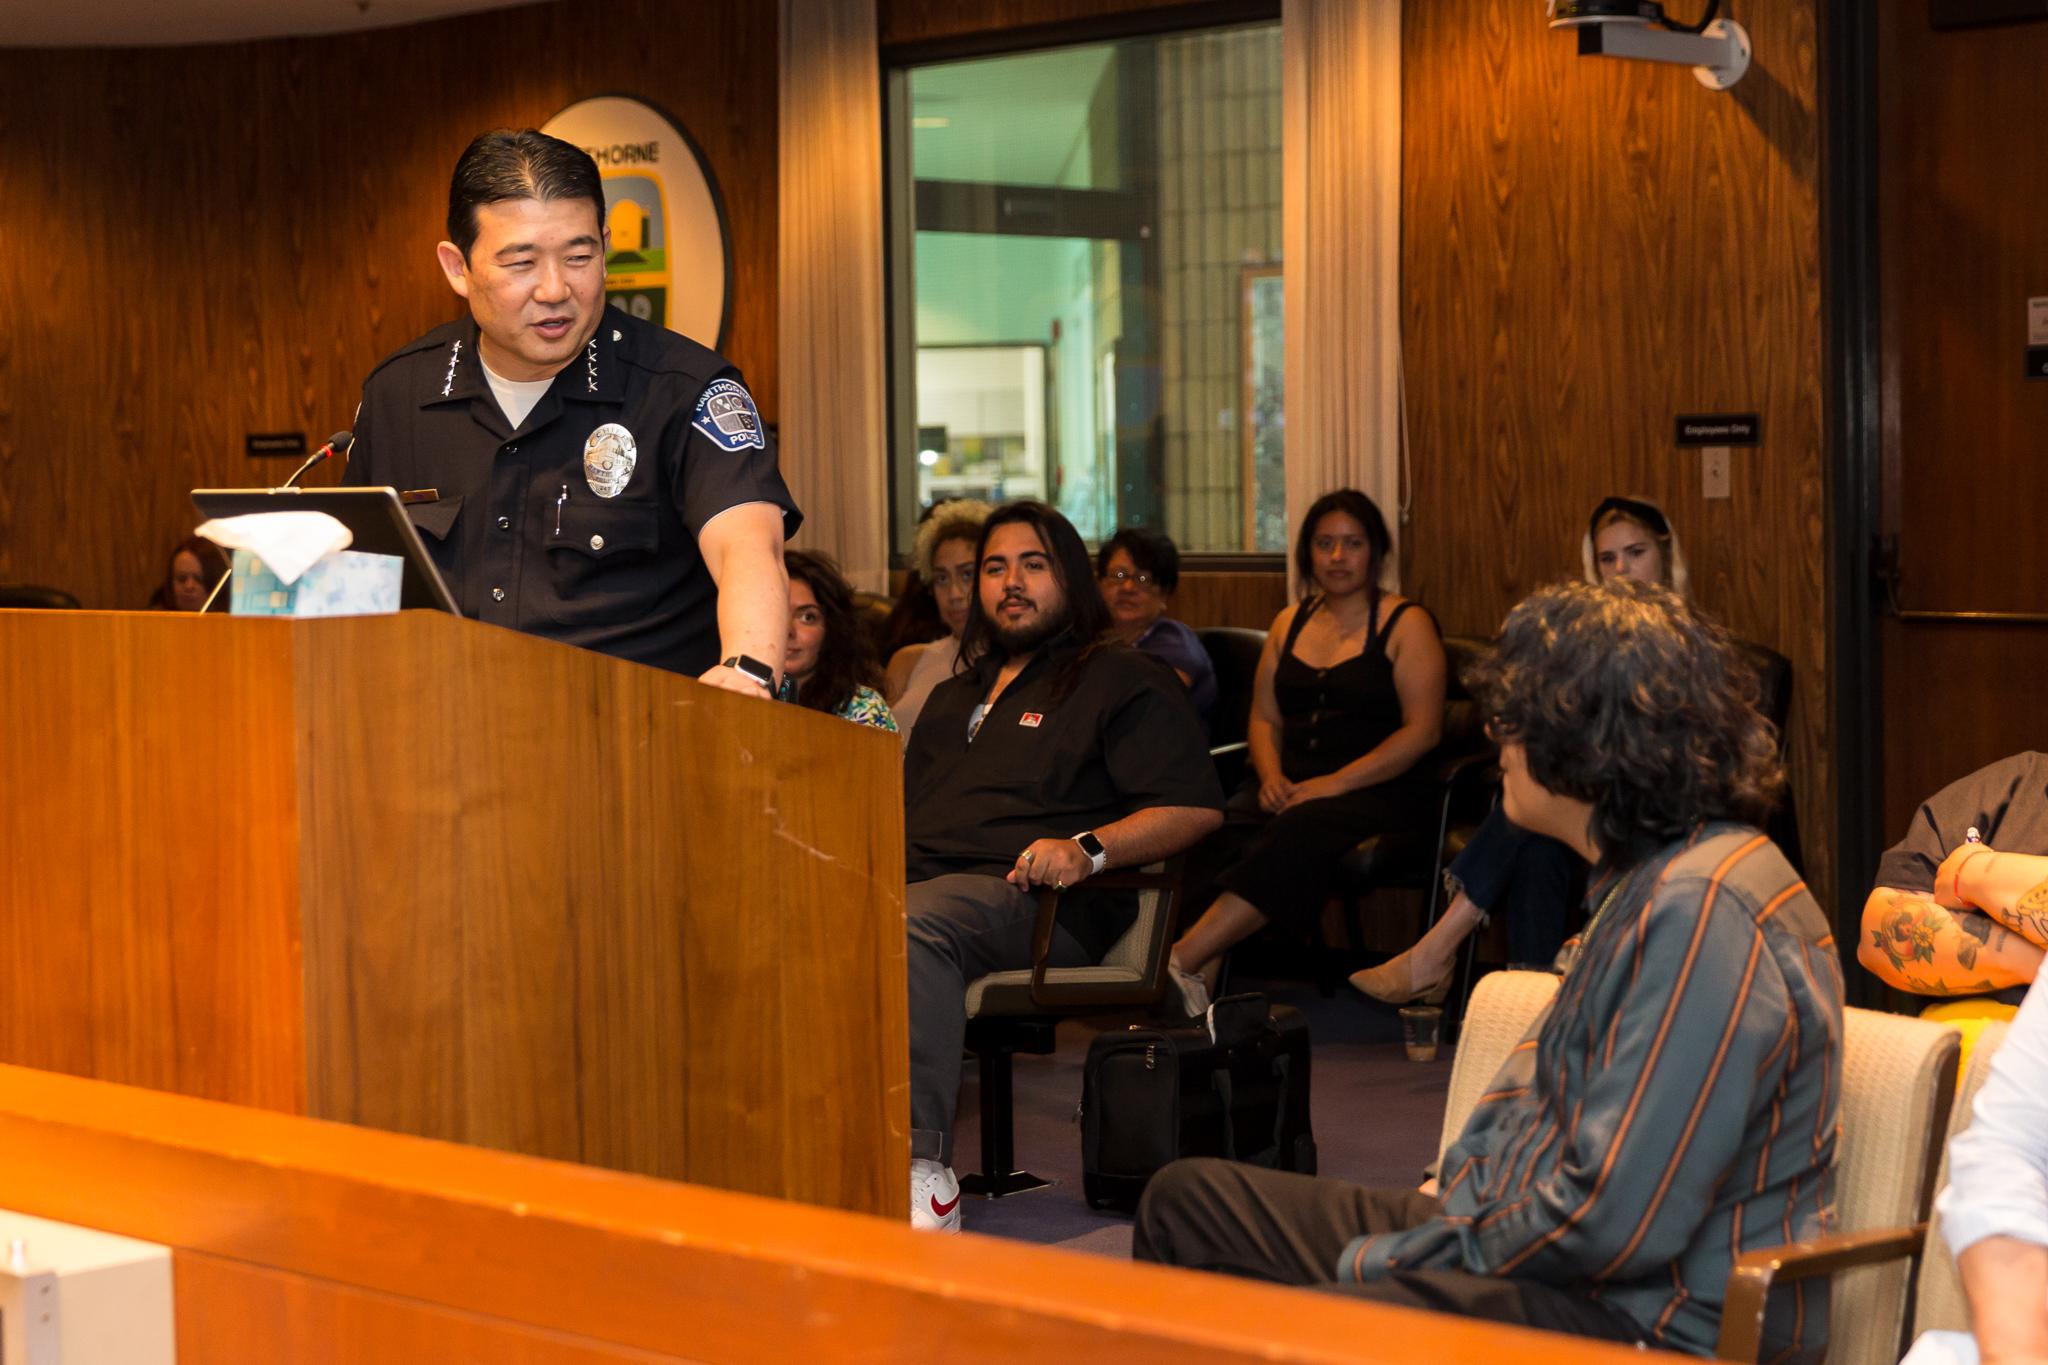 Police Chief Mike Ishii